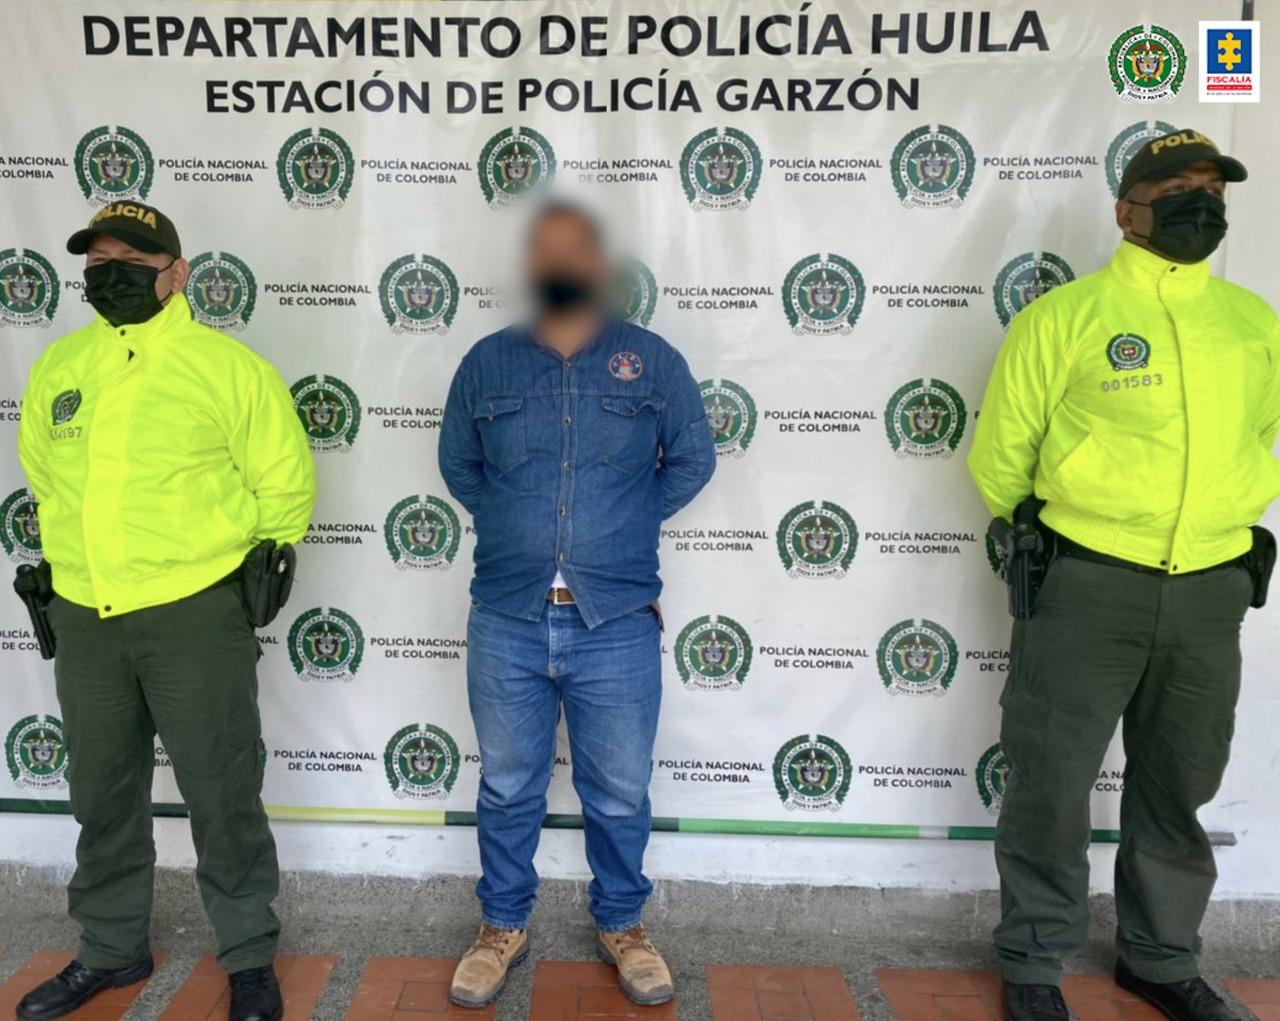 En Huila fueron judicializados cuatro hombres que estarían involucrados en delitos de violencia sexual en contra de menores - Noticias de Colombia